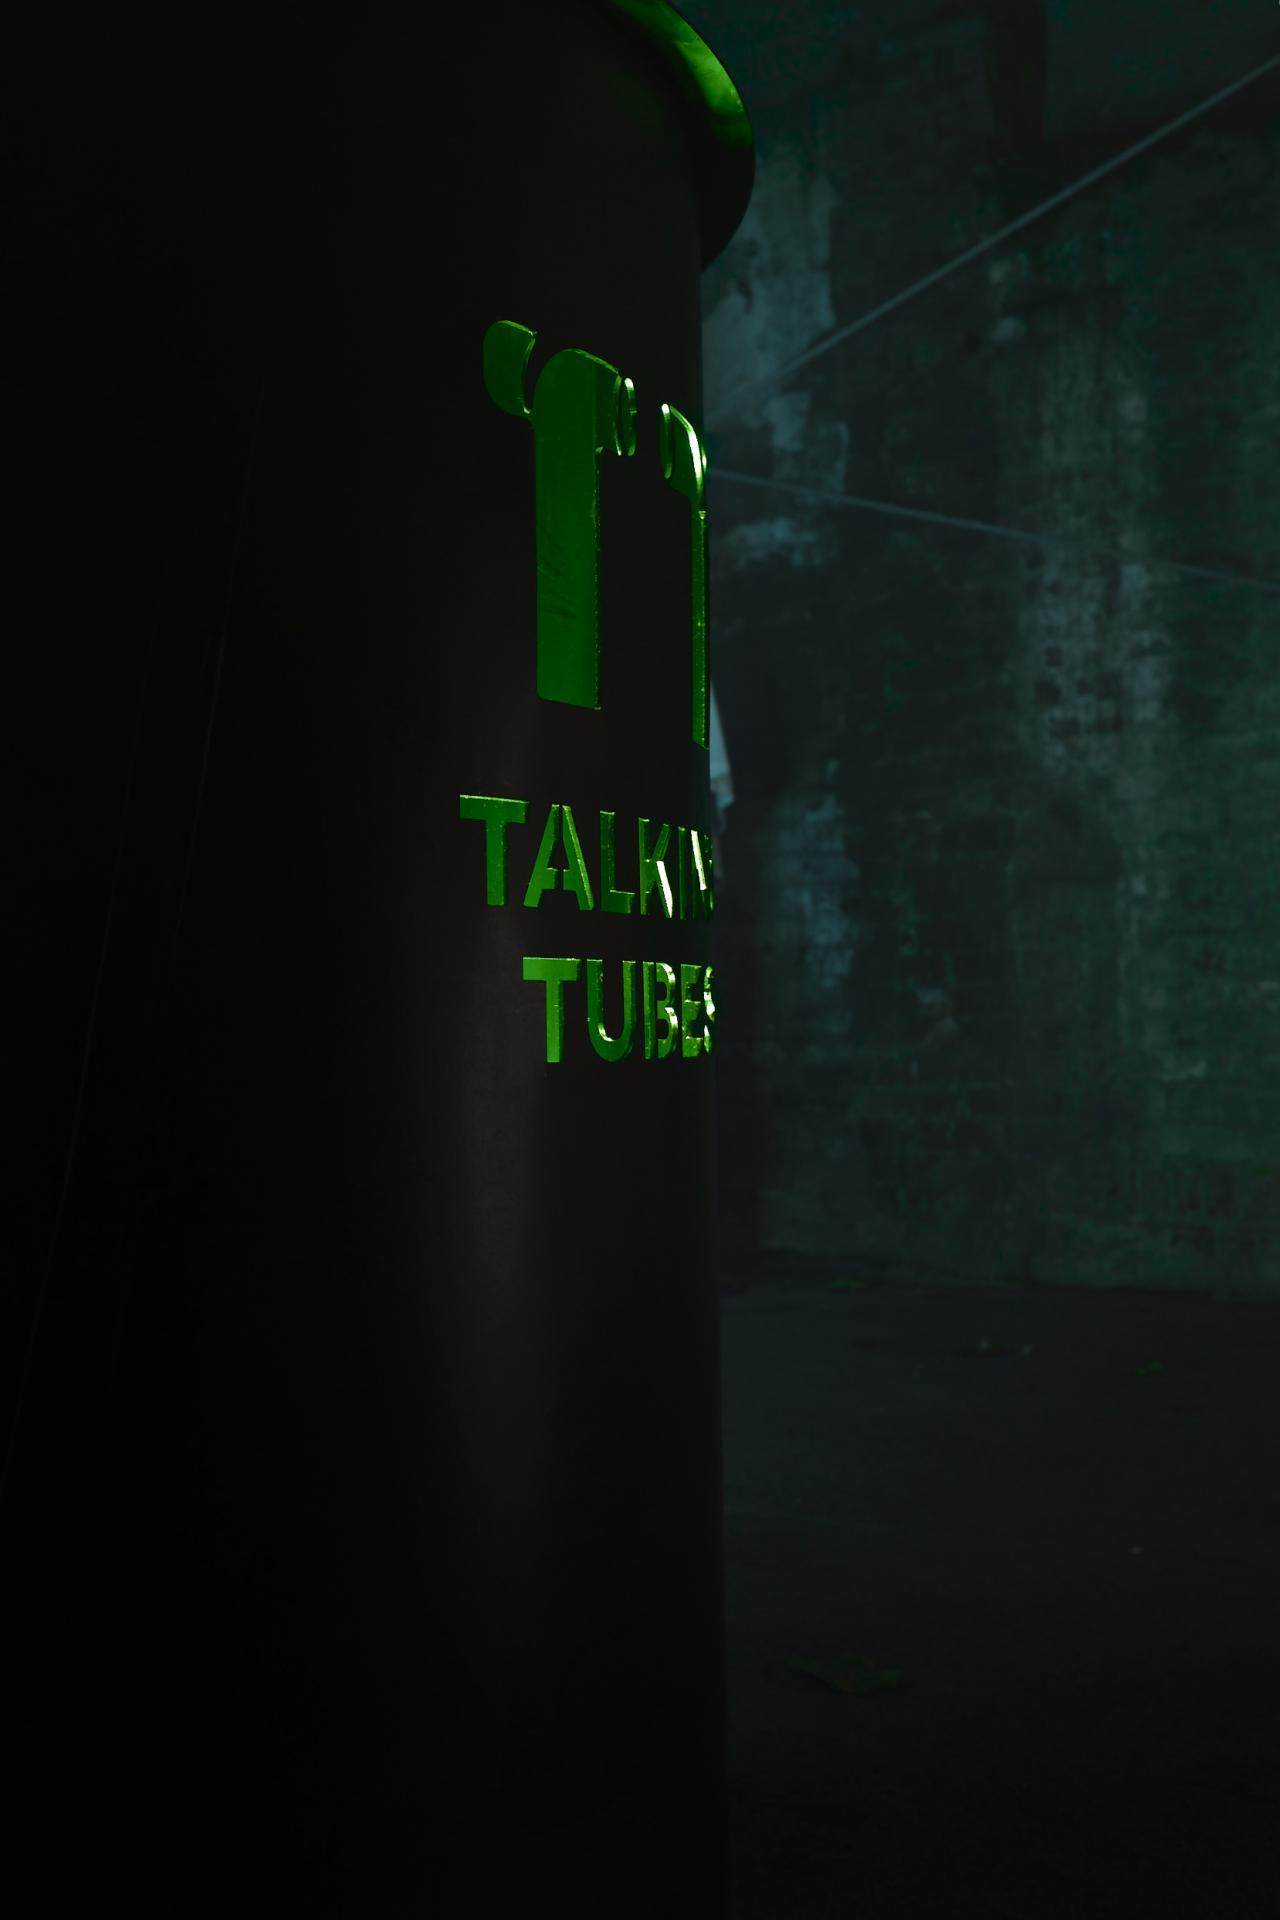 Seitenansicht des Steuerungspults der Installation mit der Aufschrift »Talking Tubes«